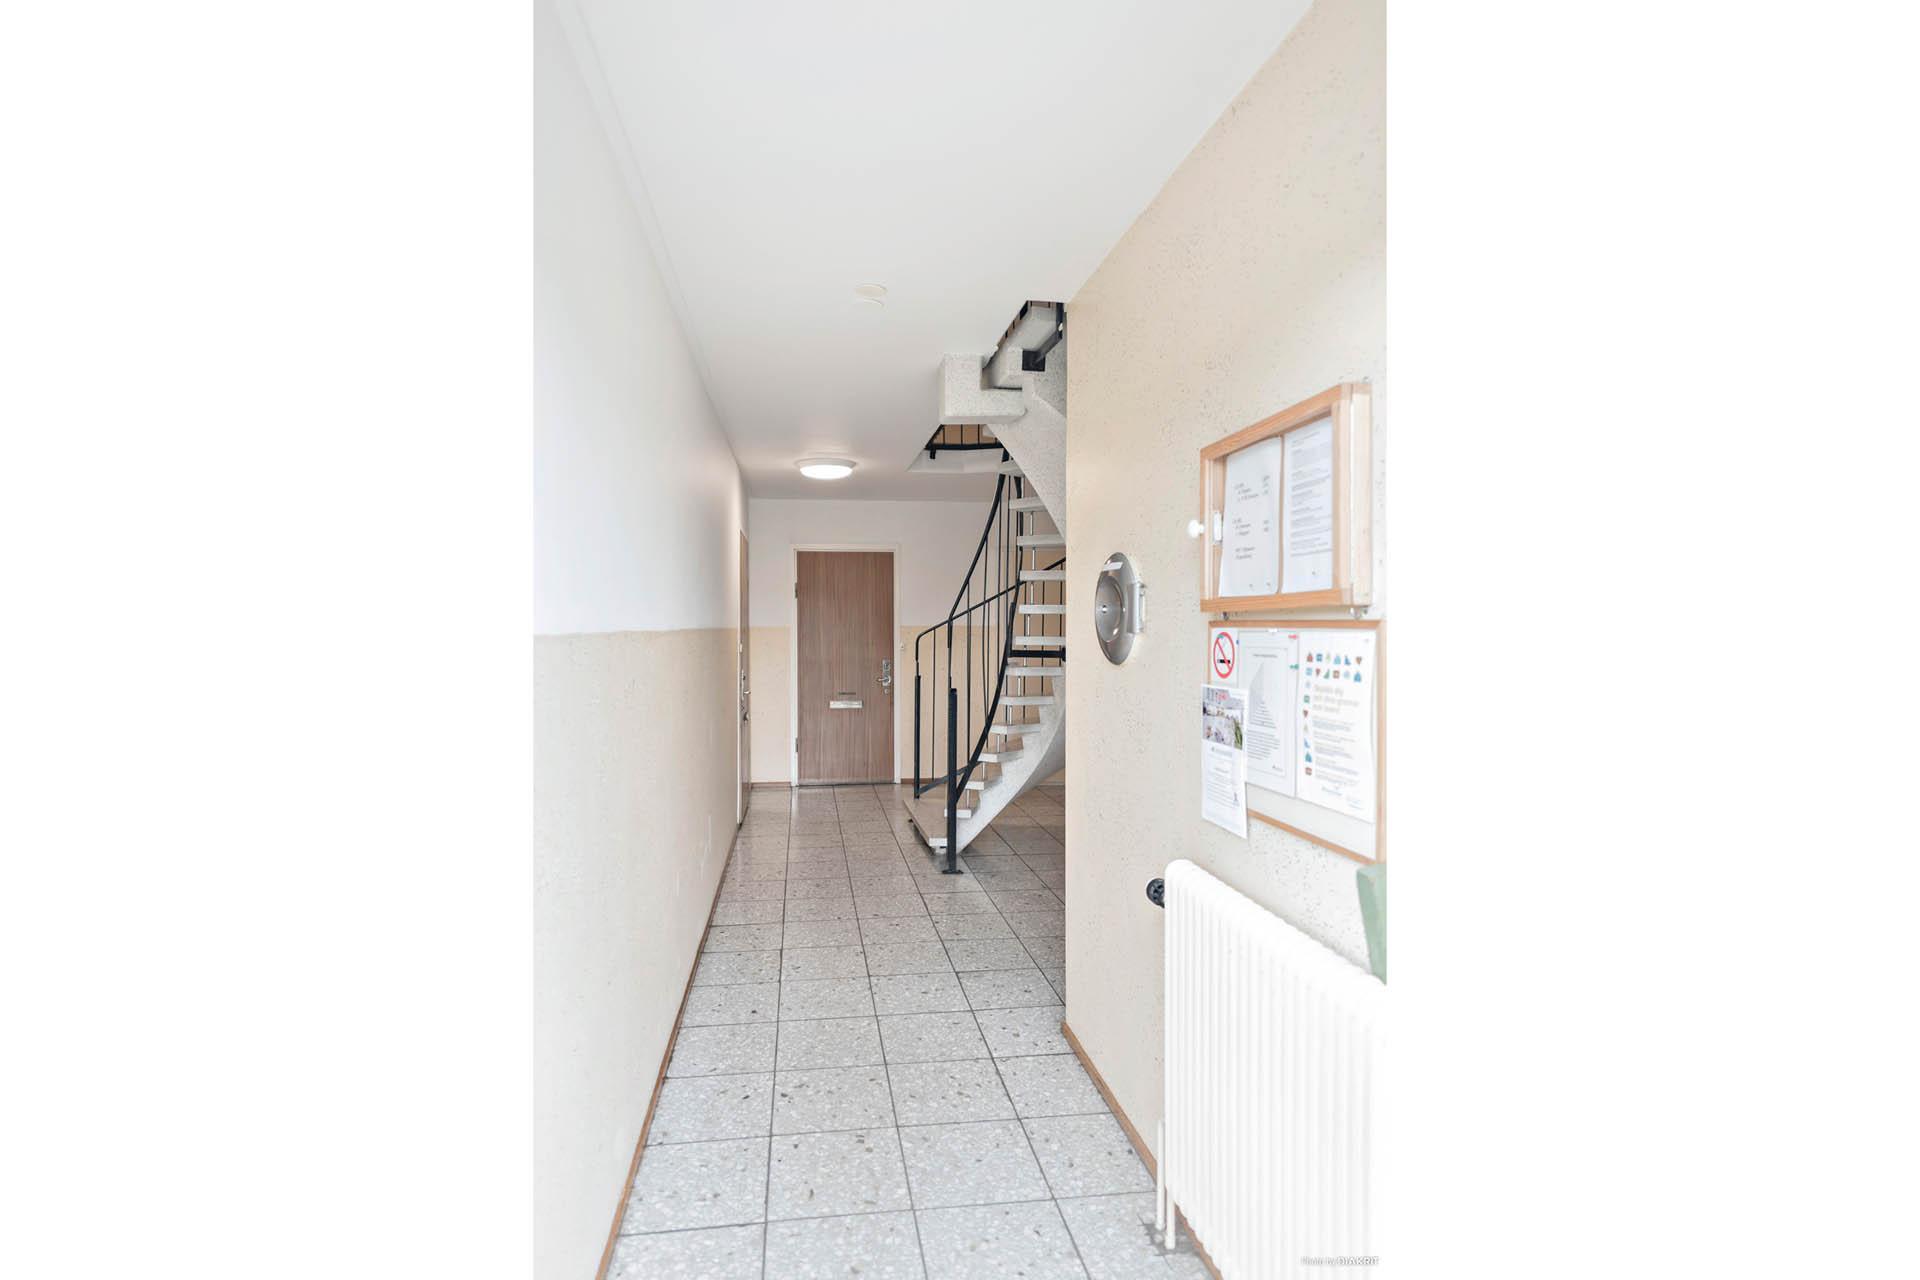 Via en välskött trappuppgång nås bostadsrätten på andra våningen.